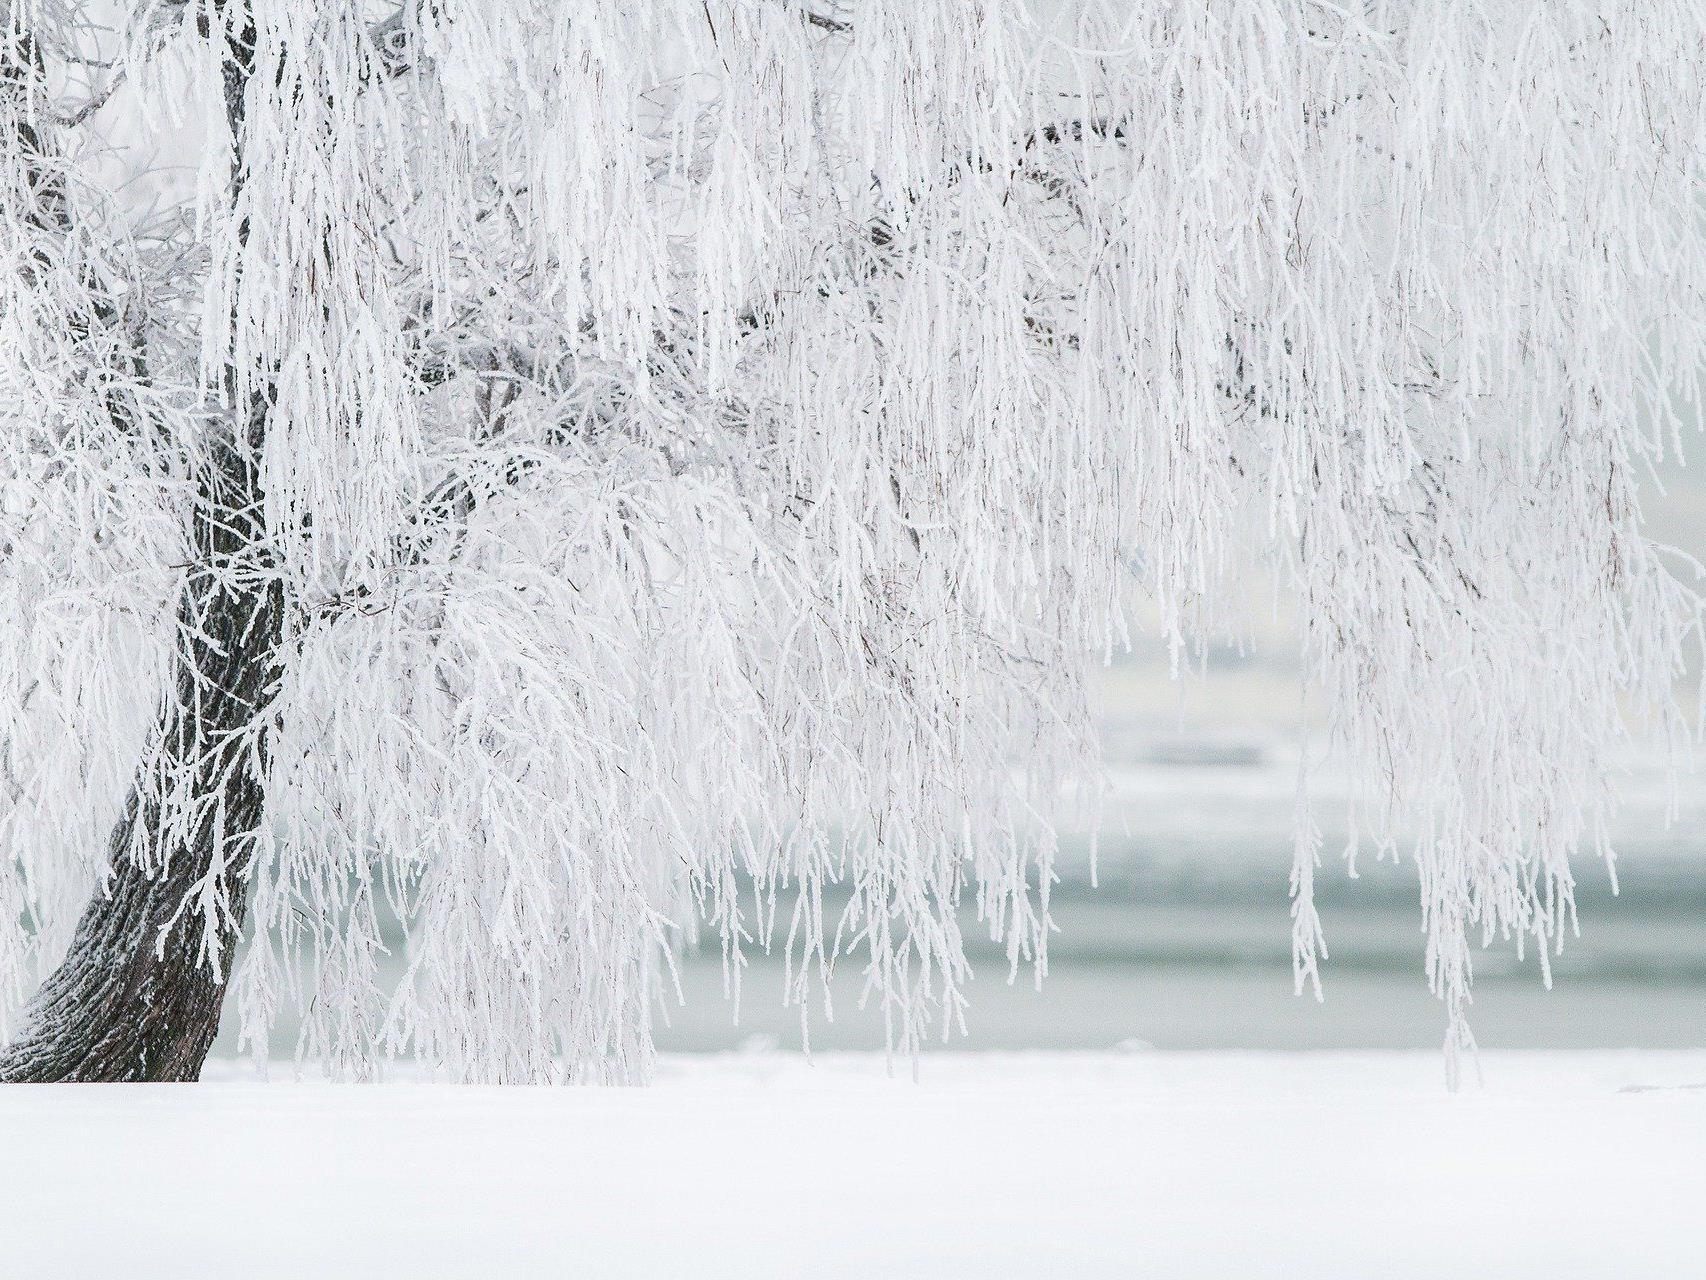 Ab Freitag wird es kalt in Österreich